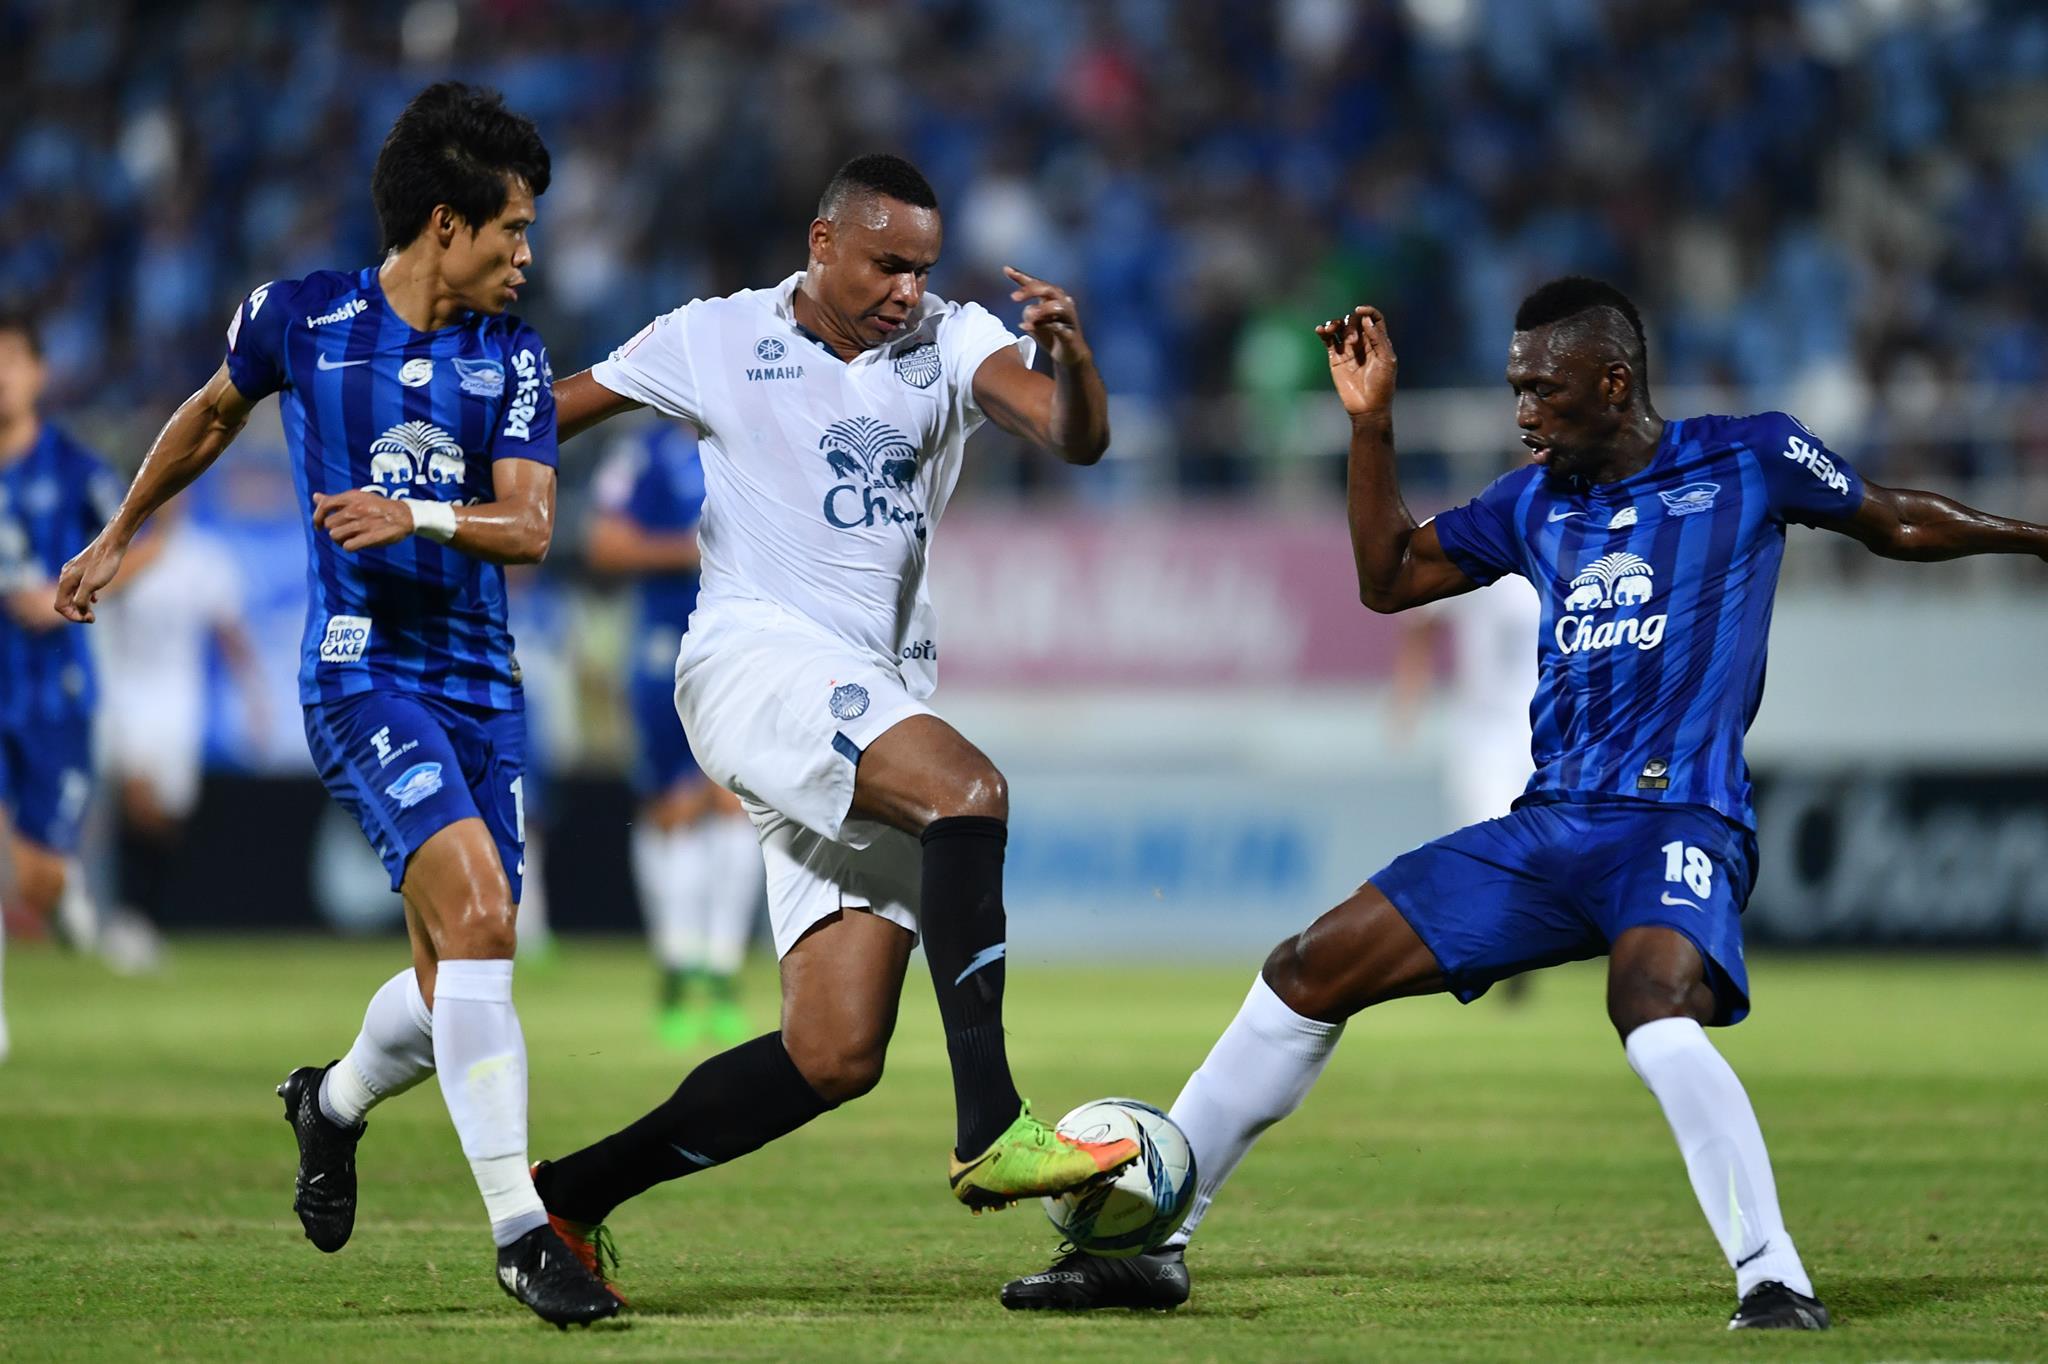 Image result for บุรีรัมย์แซงดับชลบุรี 2-1 ทำแต้มสูงสุดตลอดกาล